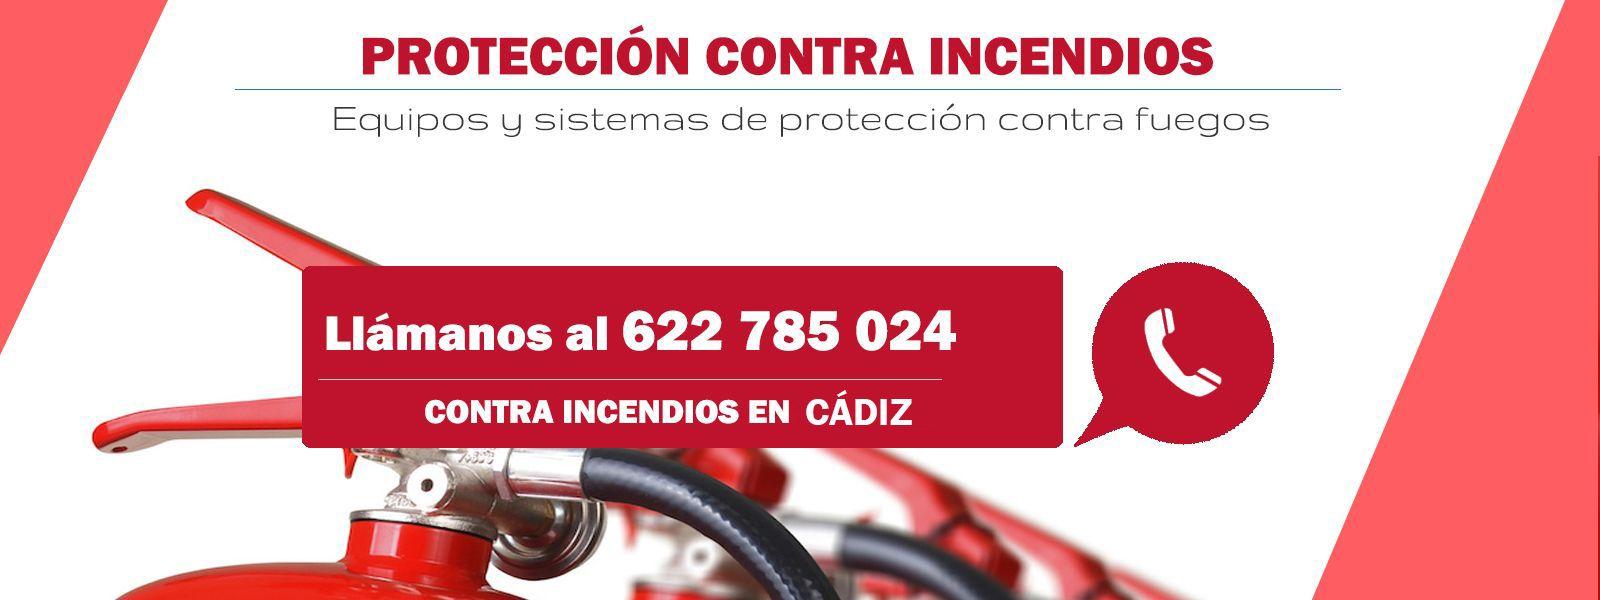 Protección contraincendios en Cádiz